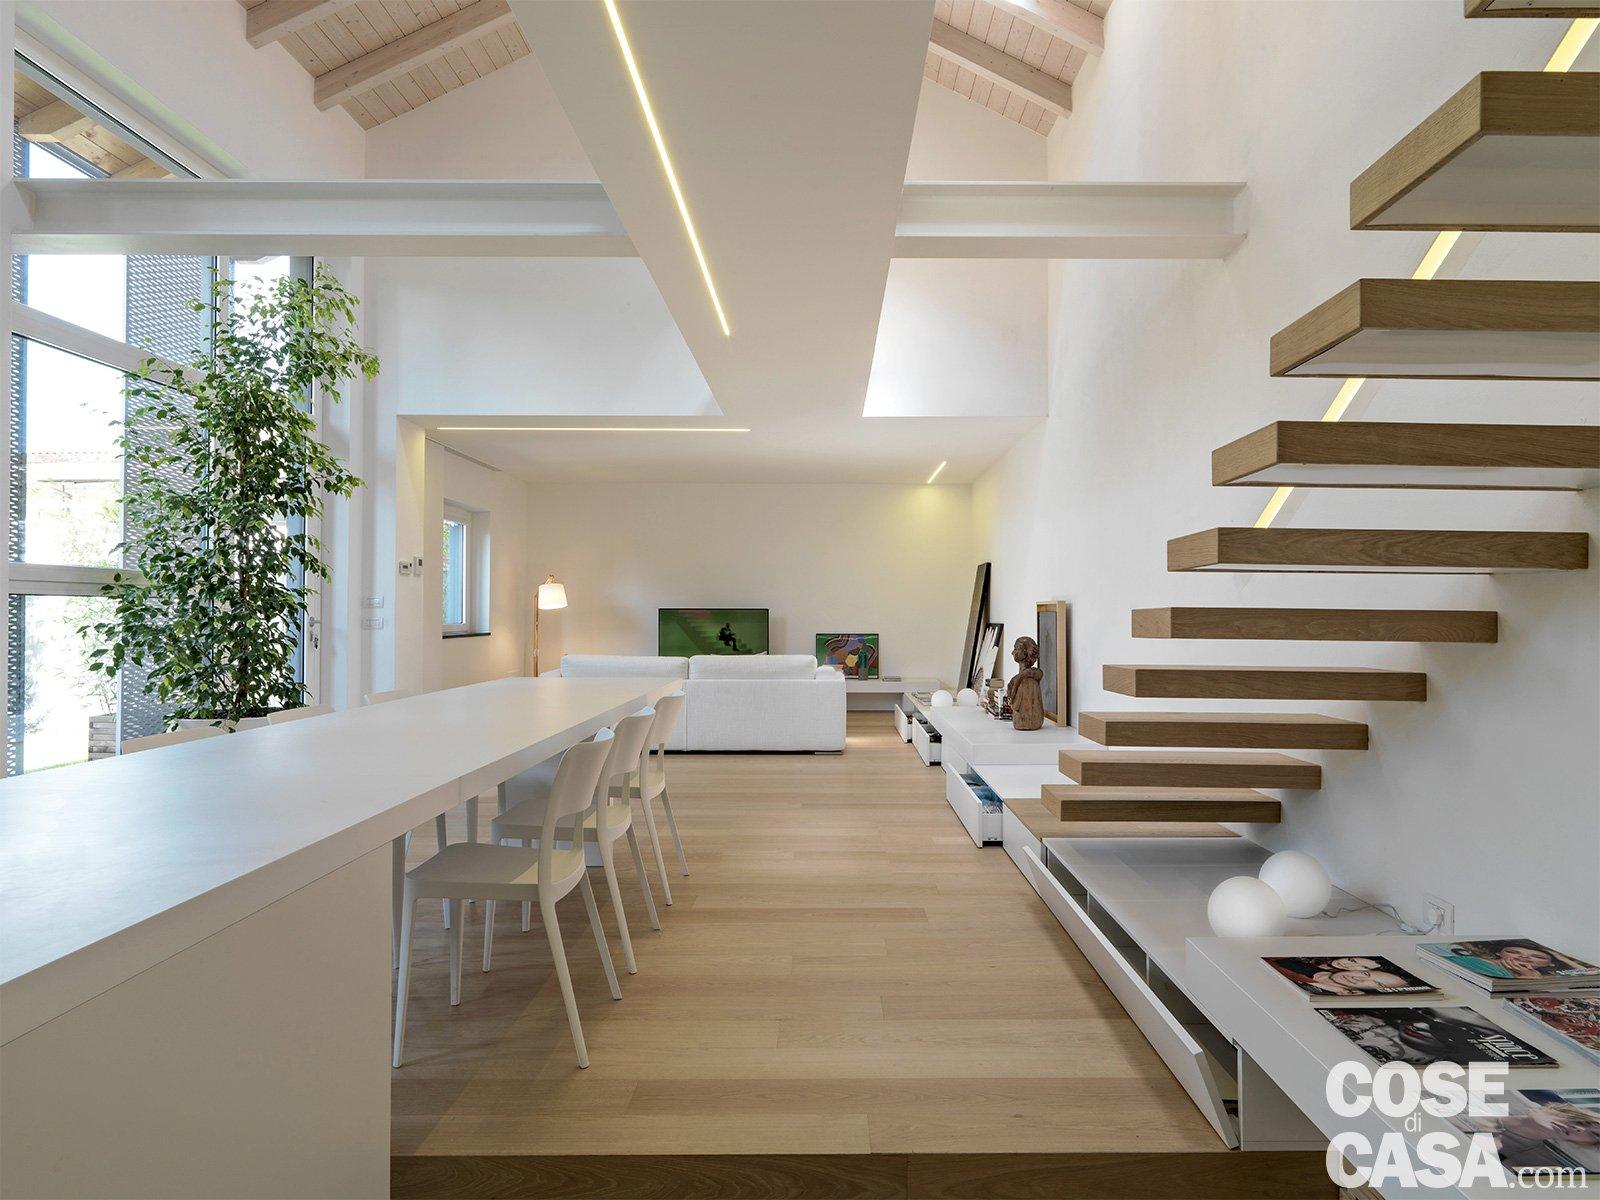 Loft una casa sottotetto a doppia altezza cose di casa for Piani di casa con design loft